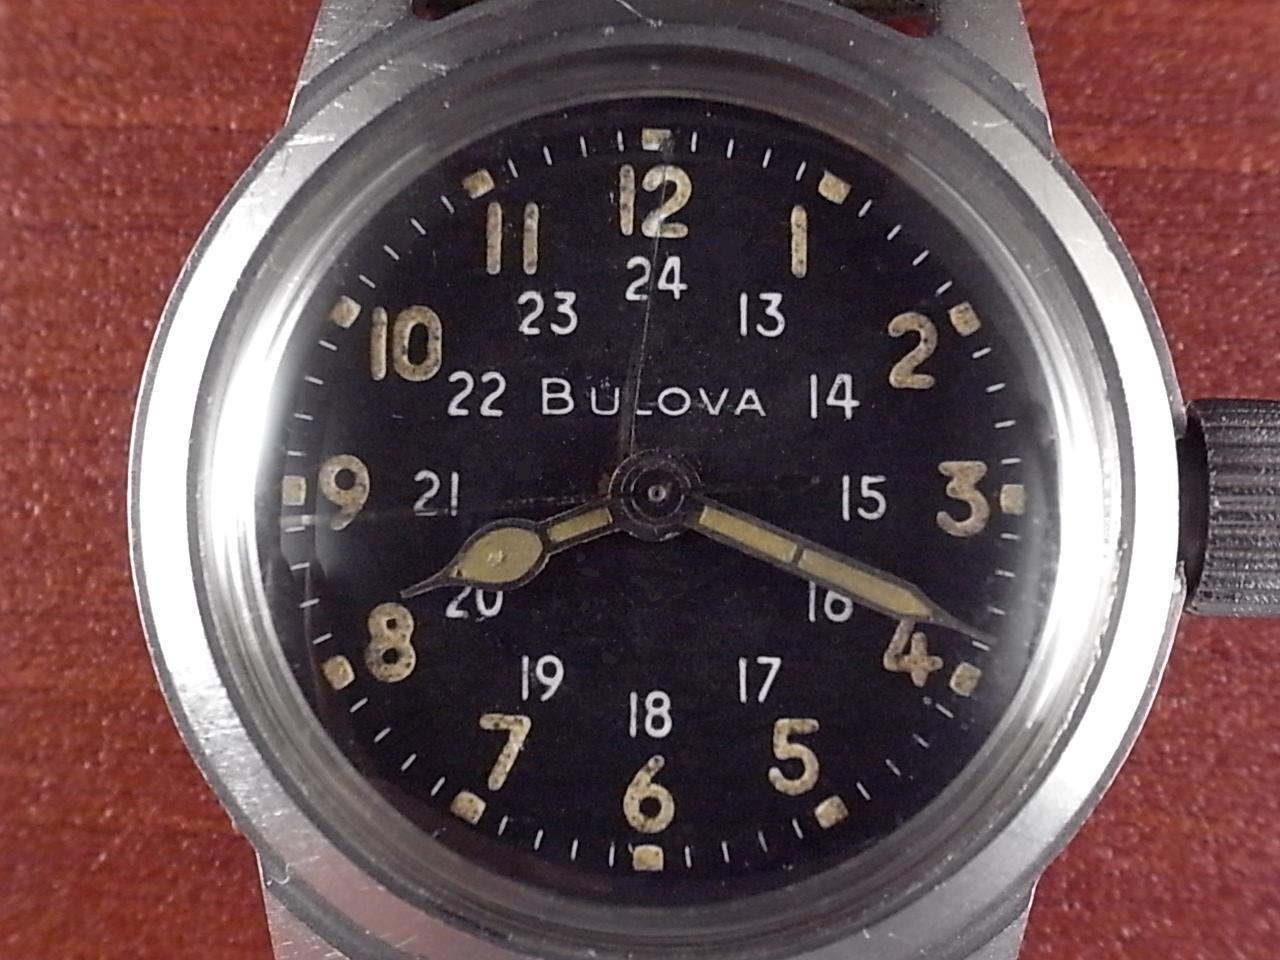 ブローバ ミリタリー 米軍 MIL-W-3818A 1950年代 の写真2枚目